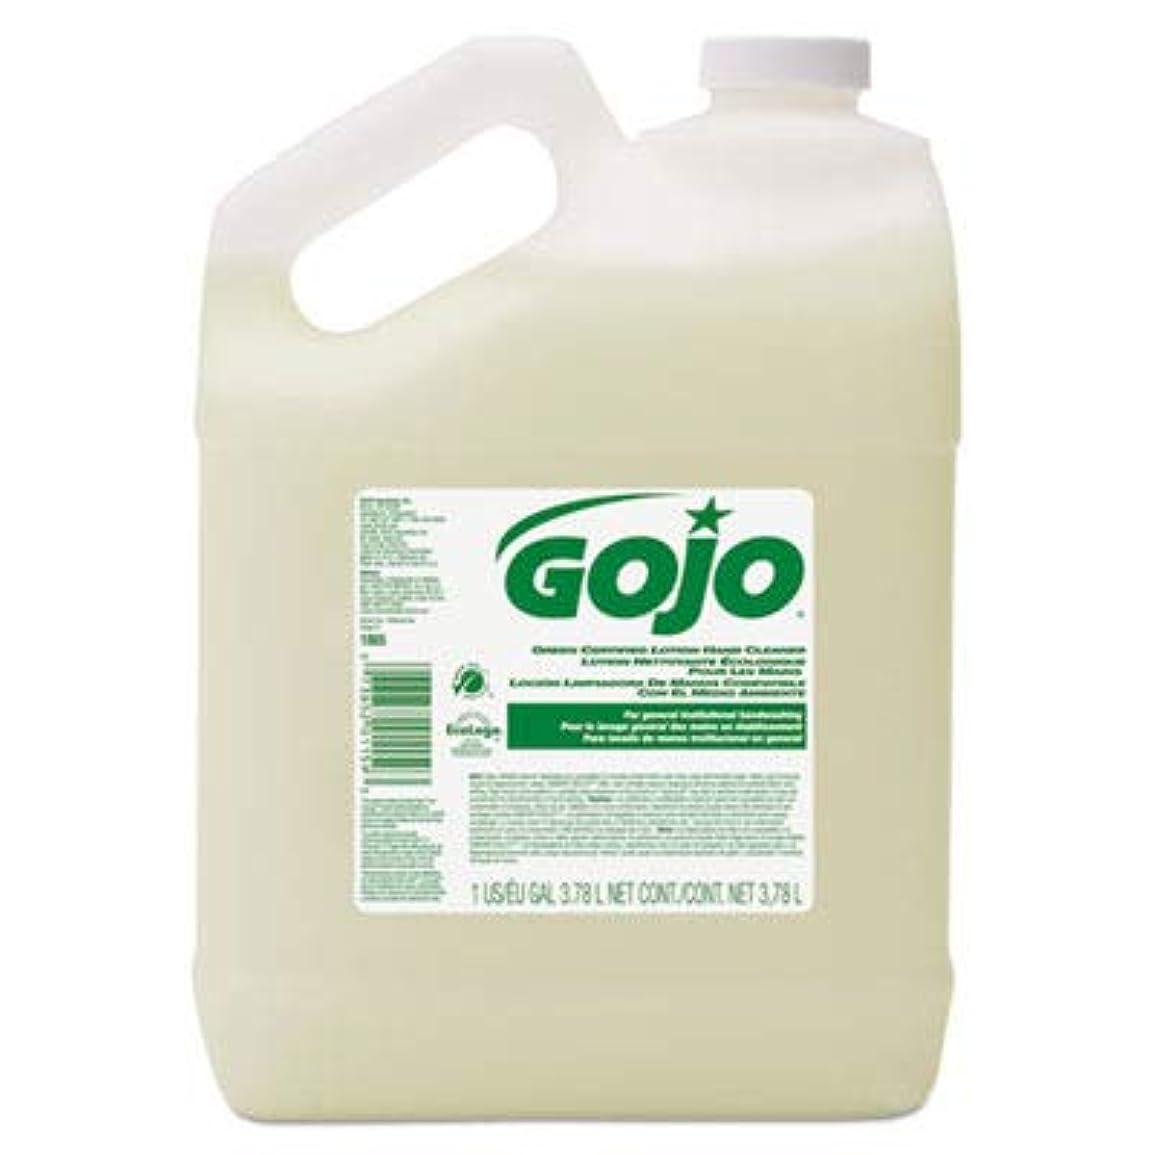 語あいまい対話goj186504 – グリーン認定ローションハンドクリーナー、1ガロンボトル、花柄香り